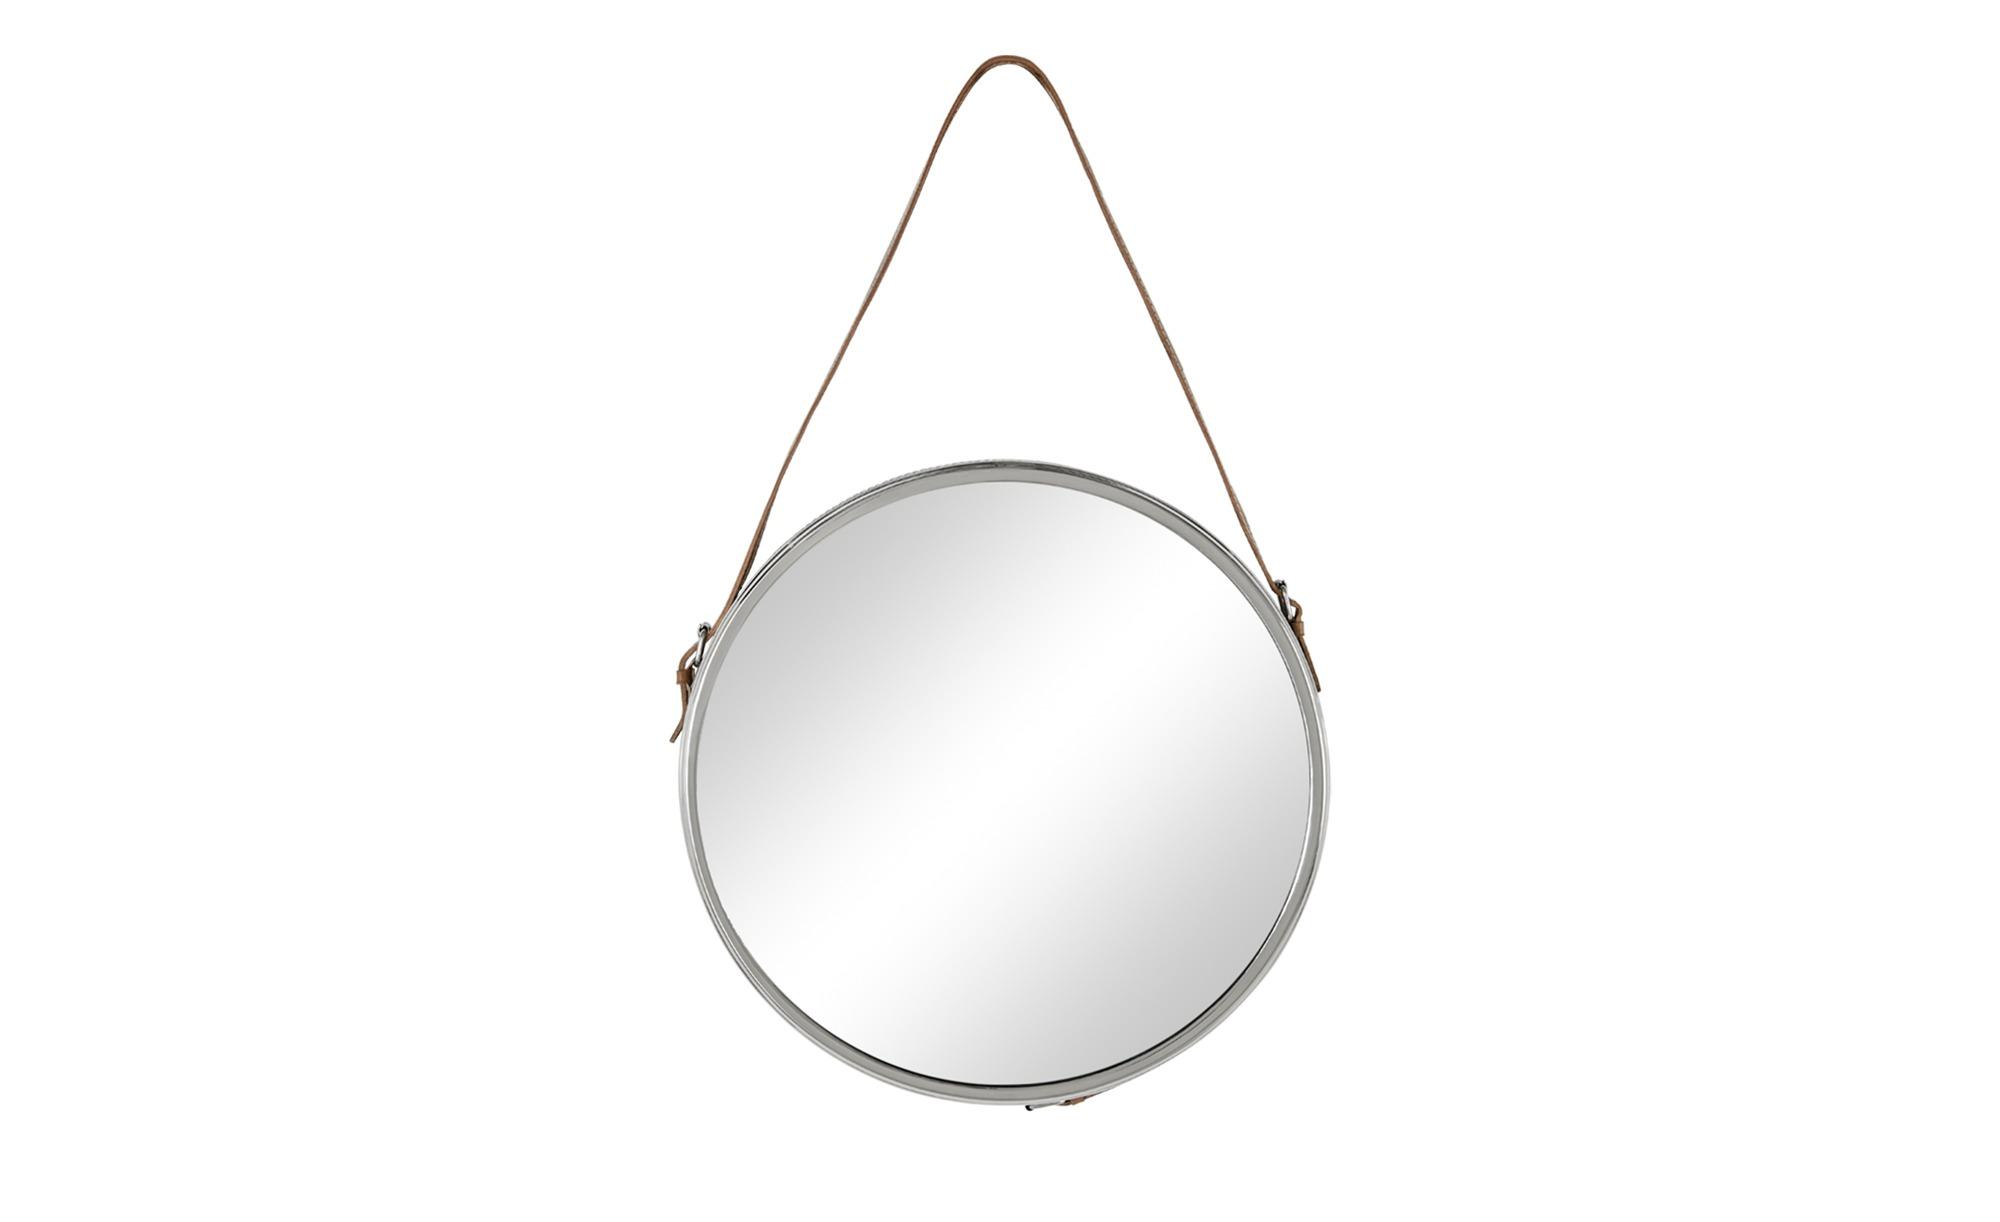 Spiegel mit lederhenkel breite 41 cm h he 69 cm silber online kaufen bei woonio for Sprinter breite mit spiegel